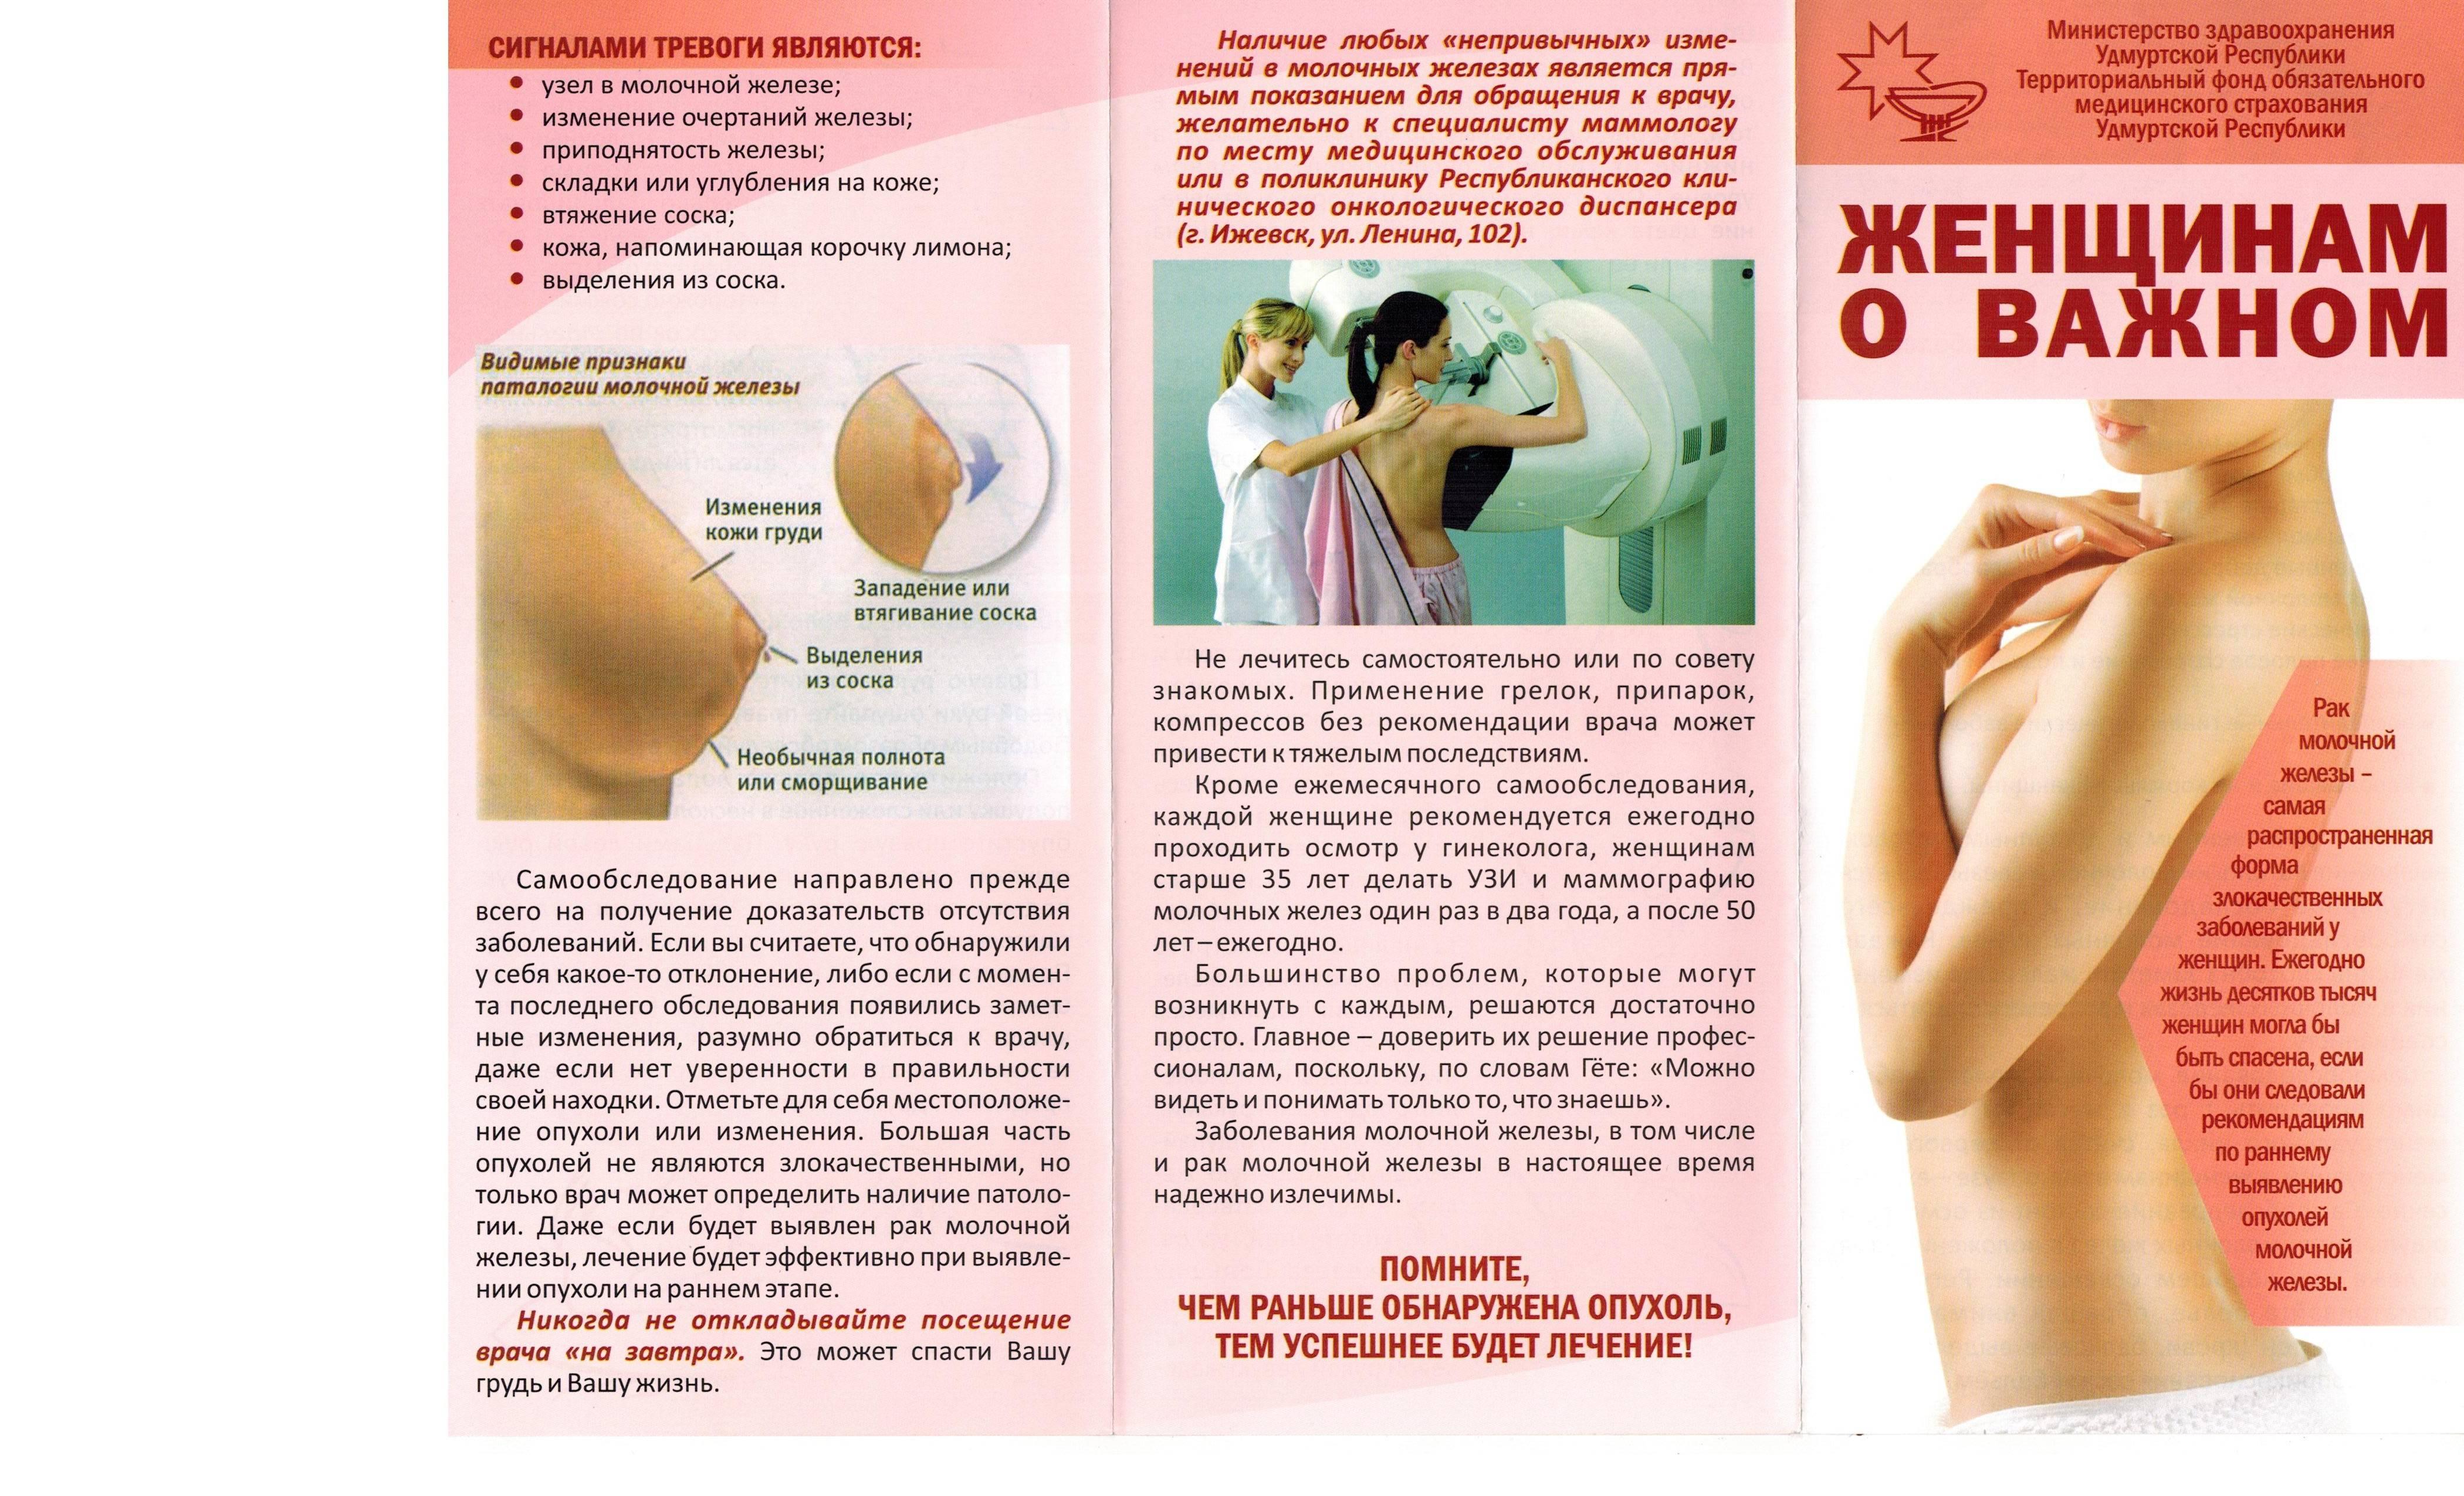 Список лучших препаратов для лечения мастопатии